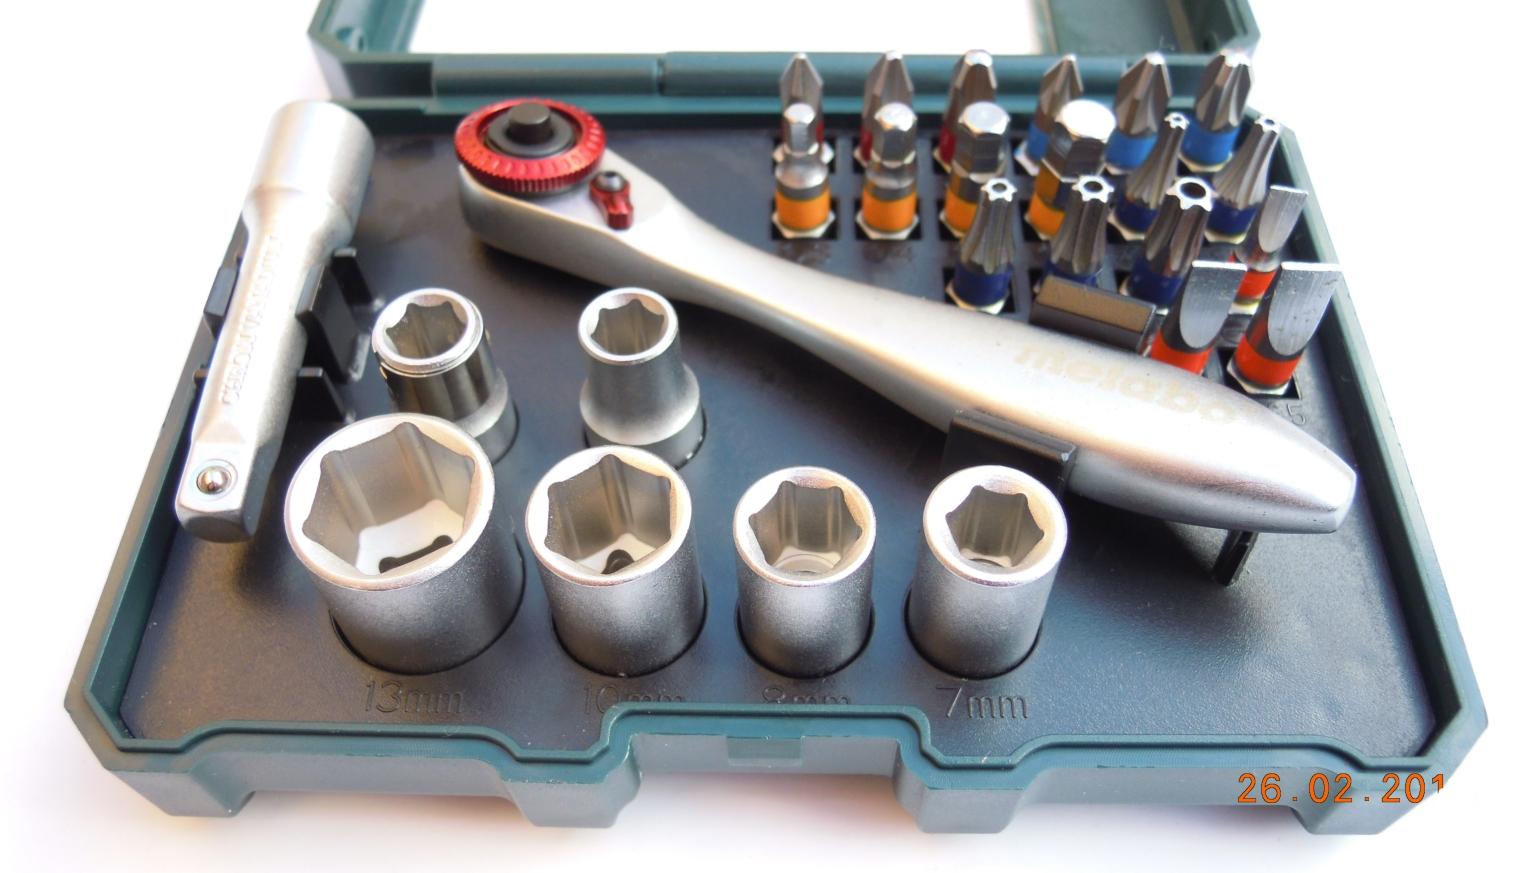 Laser Entfernungsmesser Mit Stativ : D510 disto set entfernungsmesser laser werkzeug shop